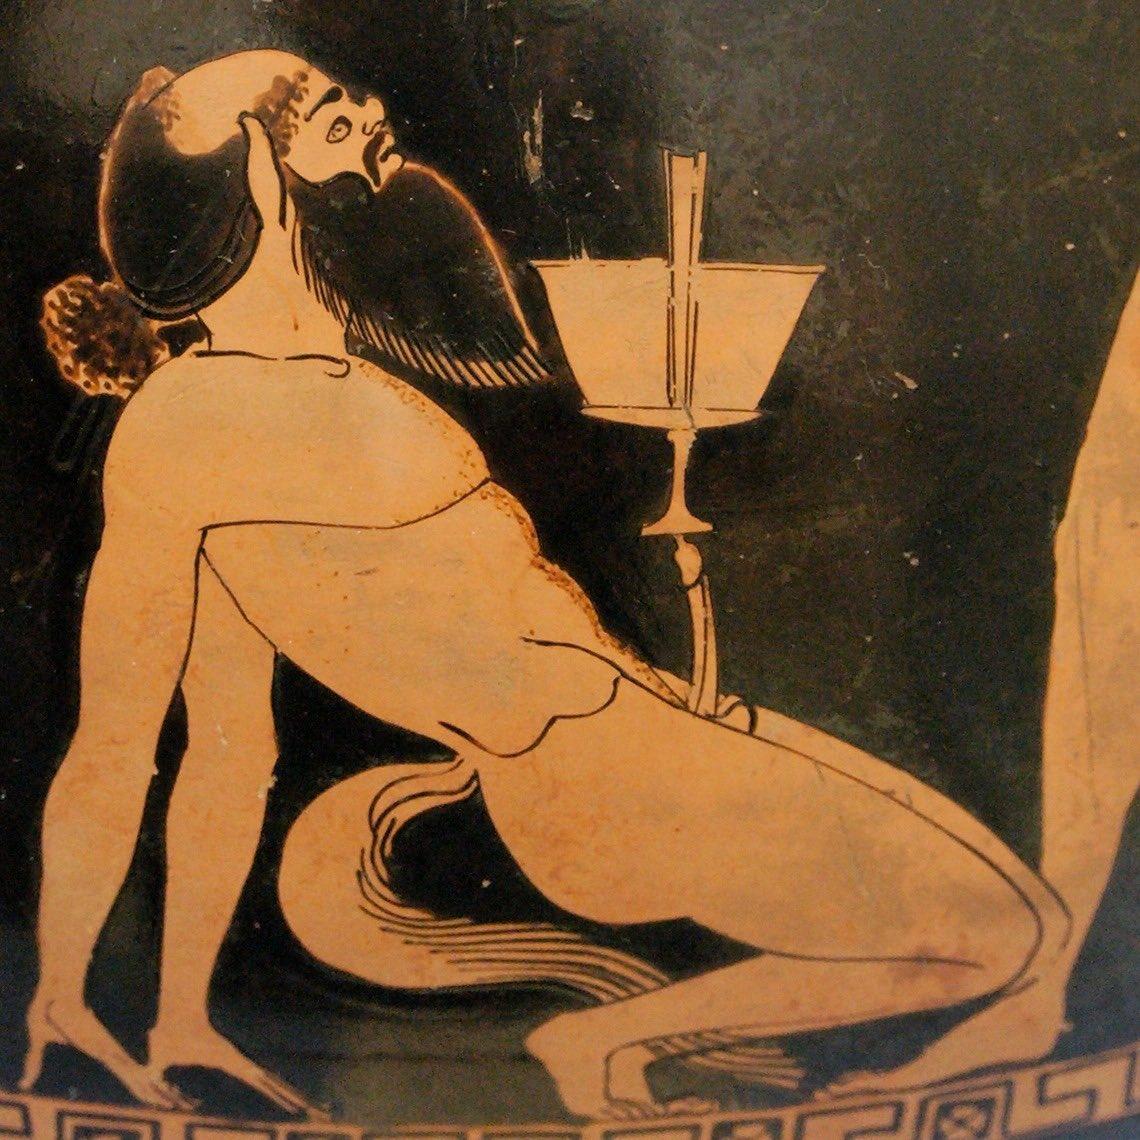 #artegayacasa Sileno ubriaco, dettaglio vaso greco psykter, 500-490 a.C., Douris, arte antica greca #Douris #anticaGrecia #Sileno #arte #ceramica #artegay #omoerotismo #omoerotico #gay @arteomogay @omoerotico  campagna social ArteGayaCasa promossa da @gayshoppic.twitter.com/gLBElTvEgZ